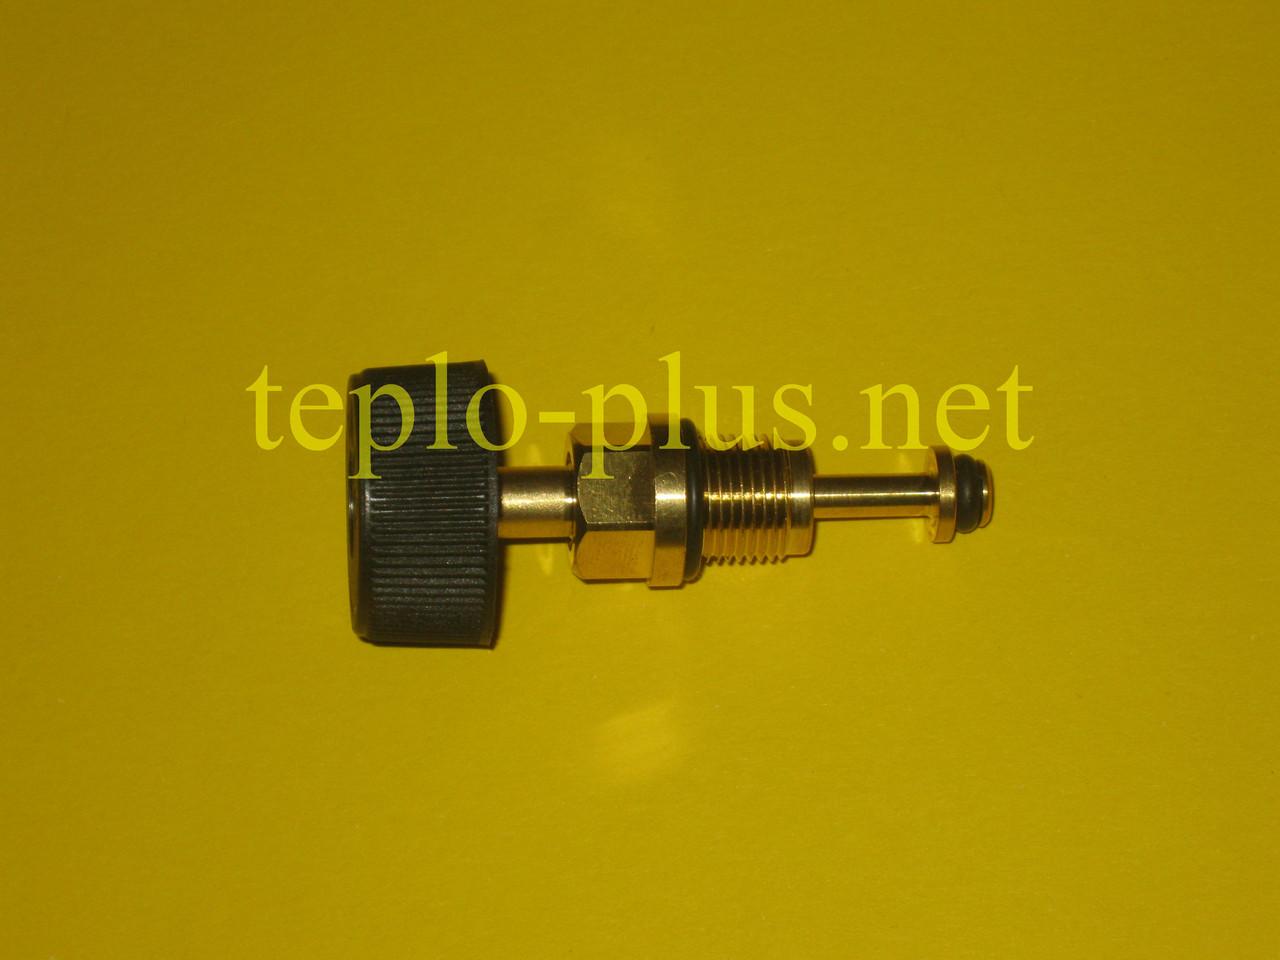 Кран подпитки Z1490.01.02.40 Termet MiniMax Dinamic, MiniMax Elegance, фото 3